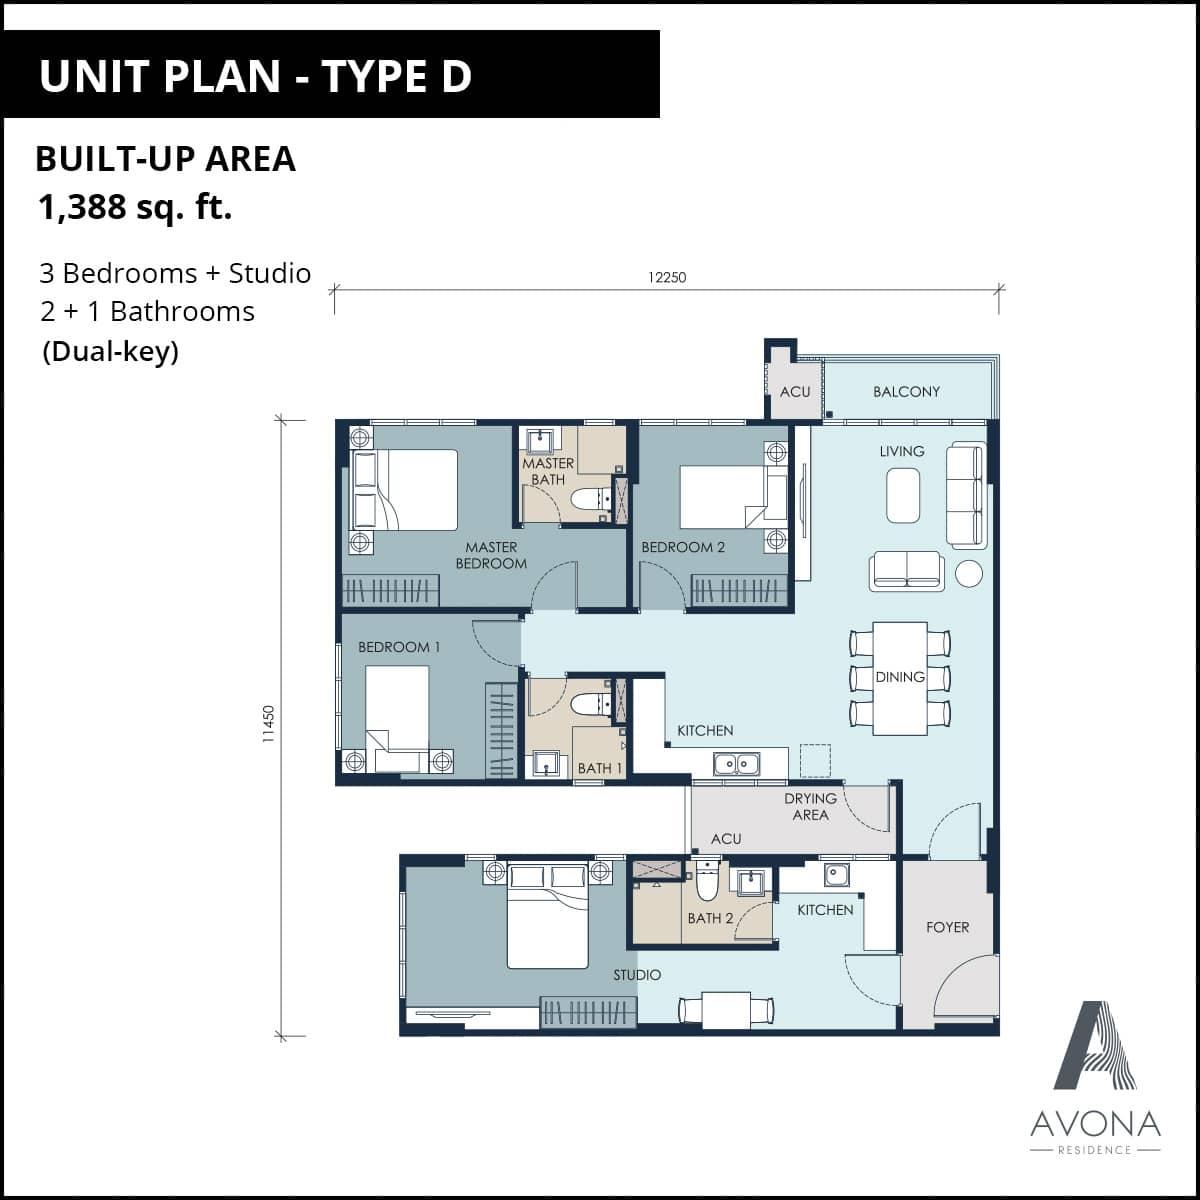 Type D Unit Plan